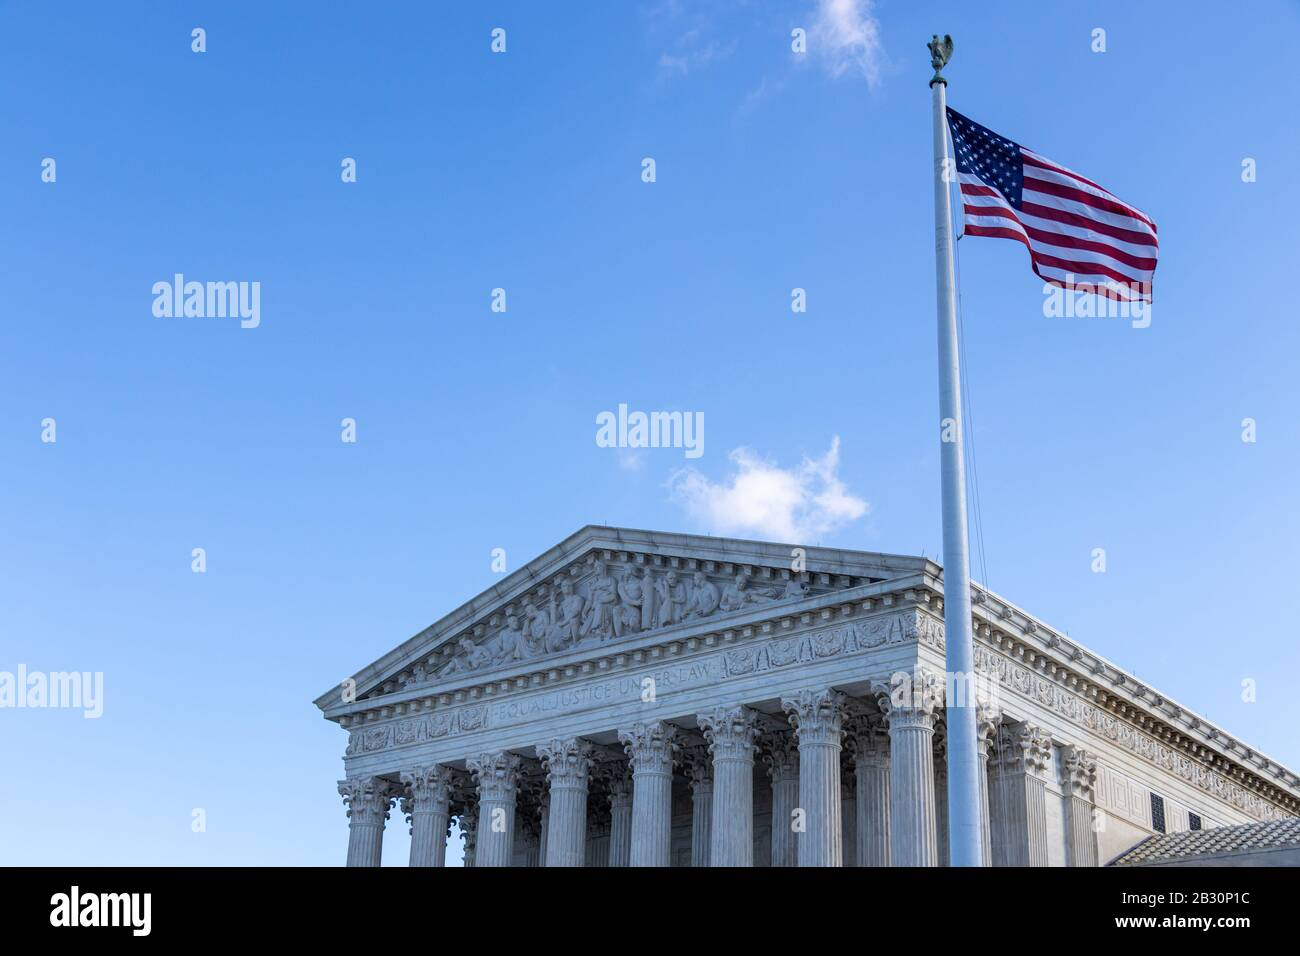 Bandiera americana che sventola davanti alla Corte Suprema degli Stati Uniti. Foto Stock